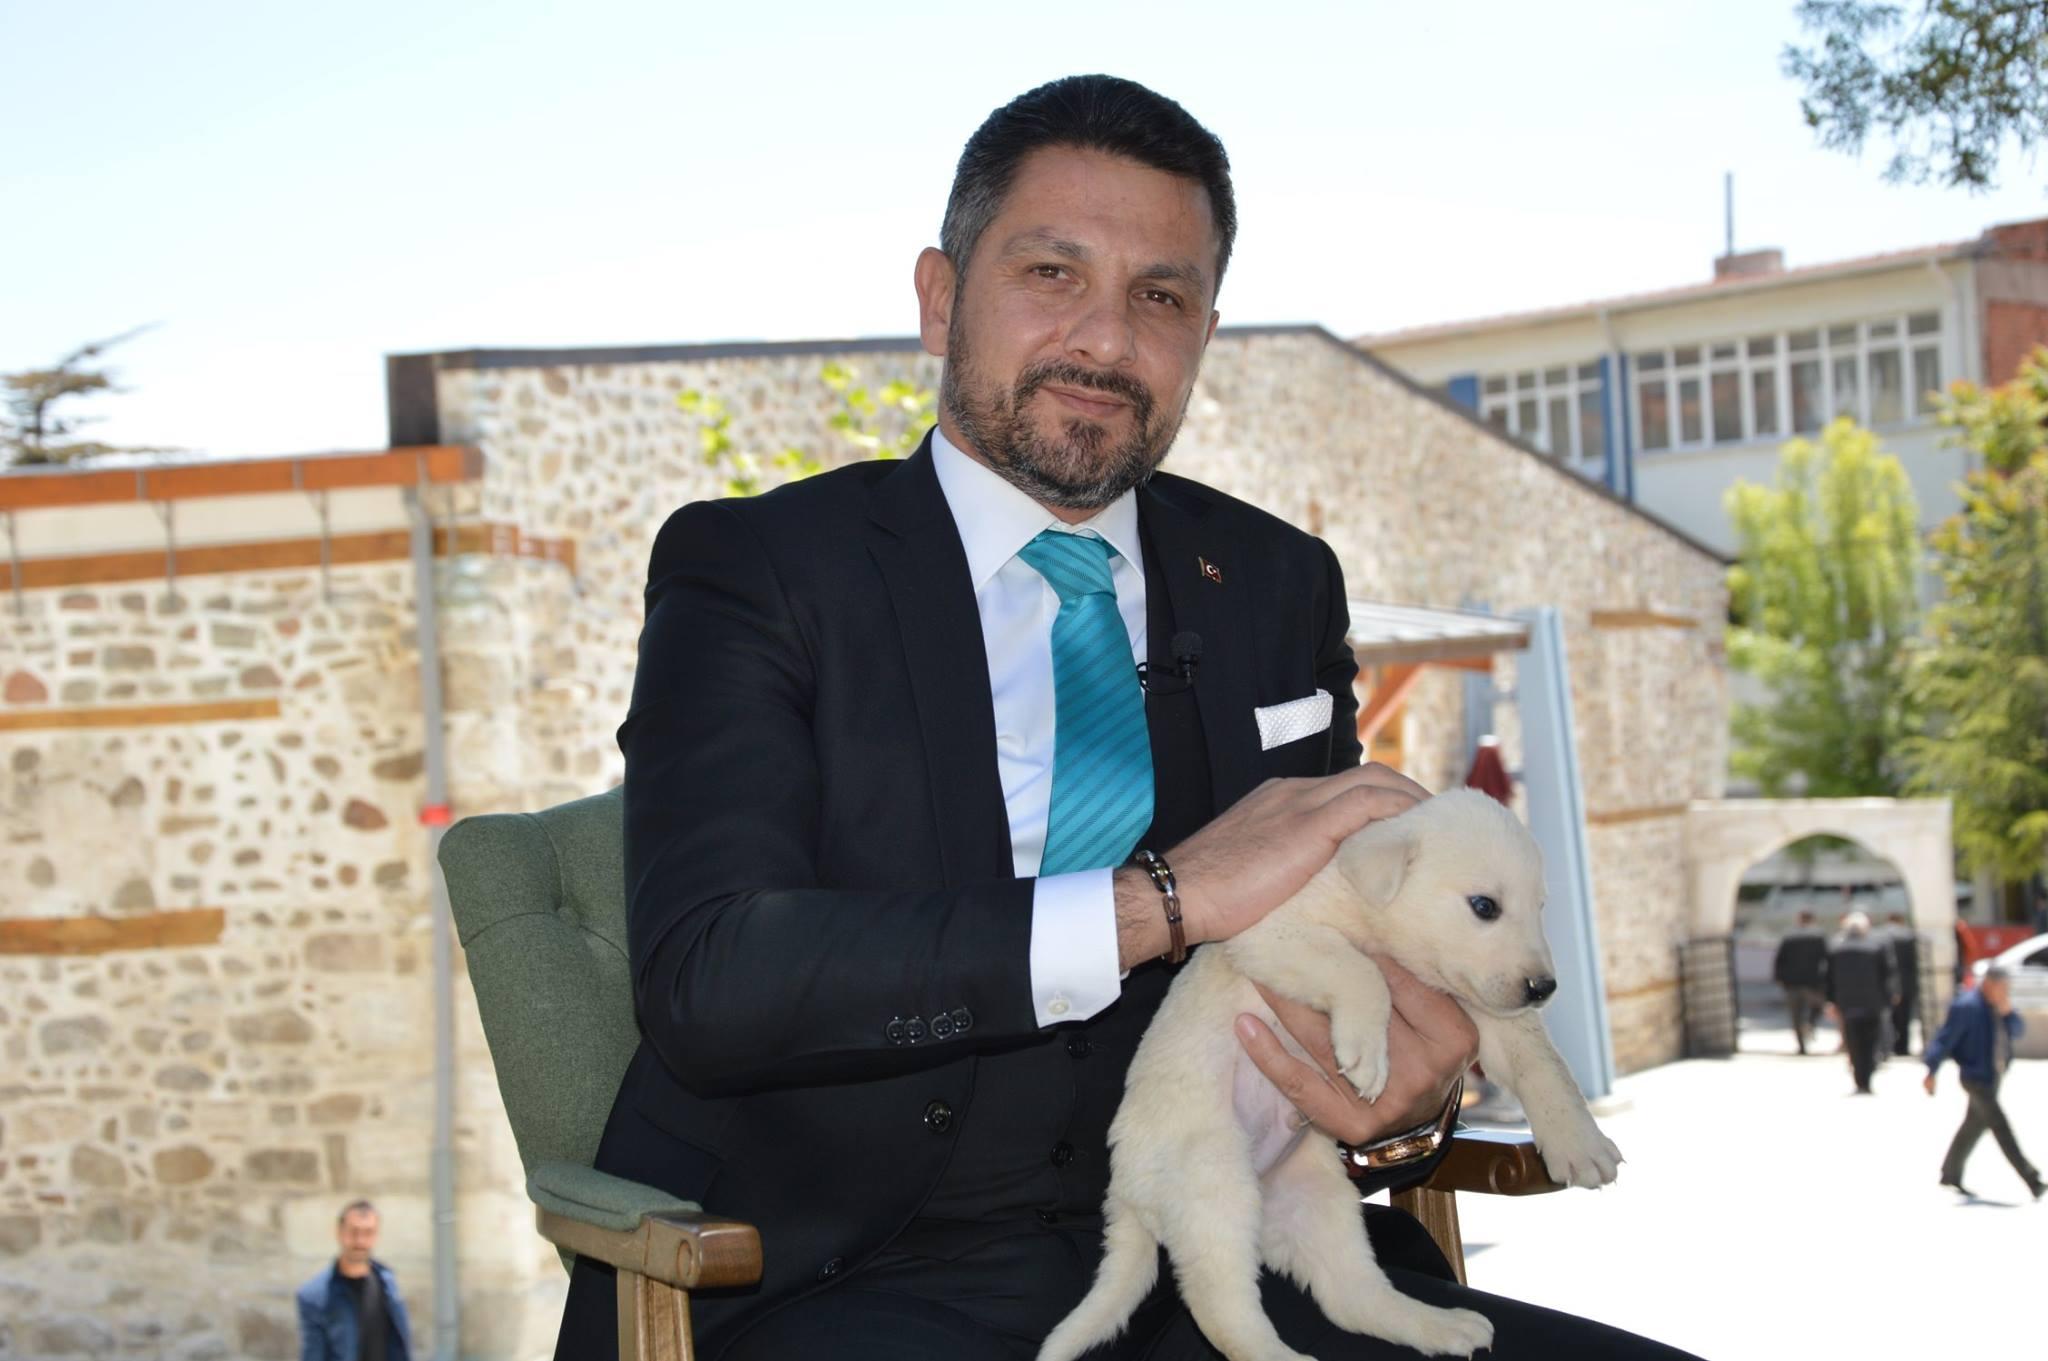 Sivrihisar Belediye Başkanımız Hamid Yüzügüllü Kanal 26'da yayınlanan 3+1 Programı sunucusu Abdullah Yeşilkaya ile Dünyanın Merkezinde keyifli bir röportaj gerçekleştirdi.